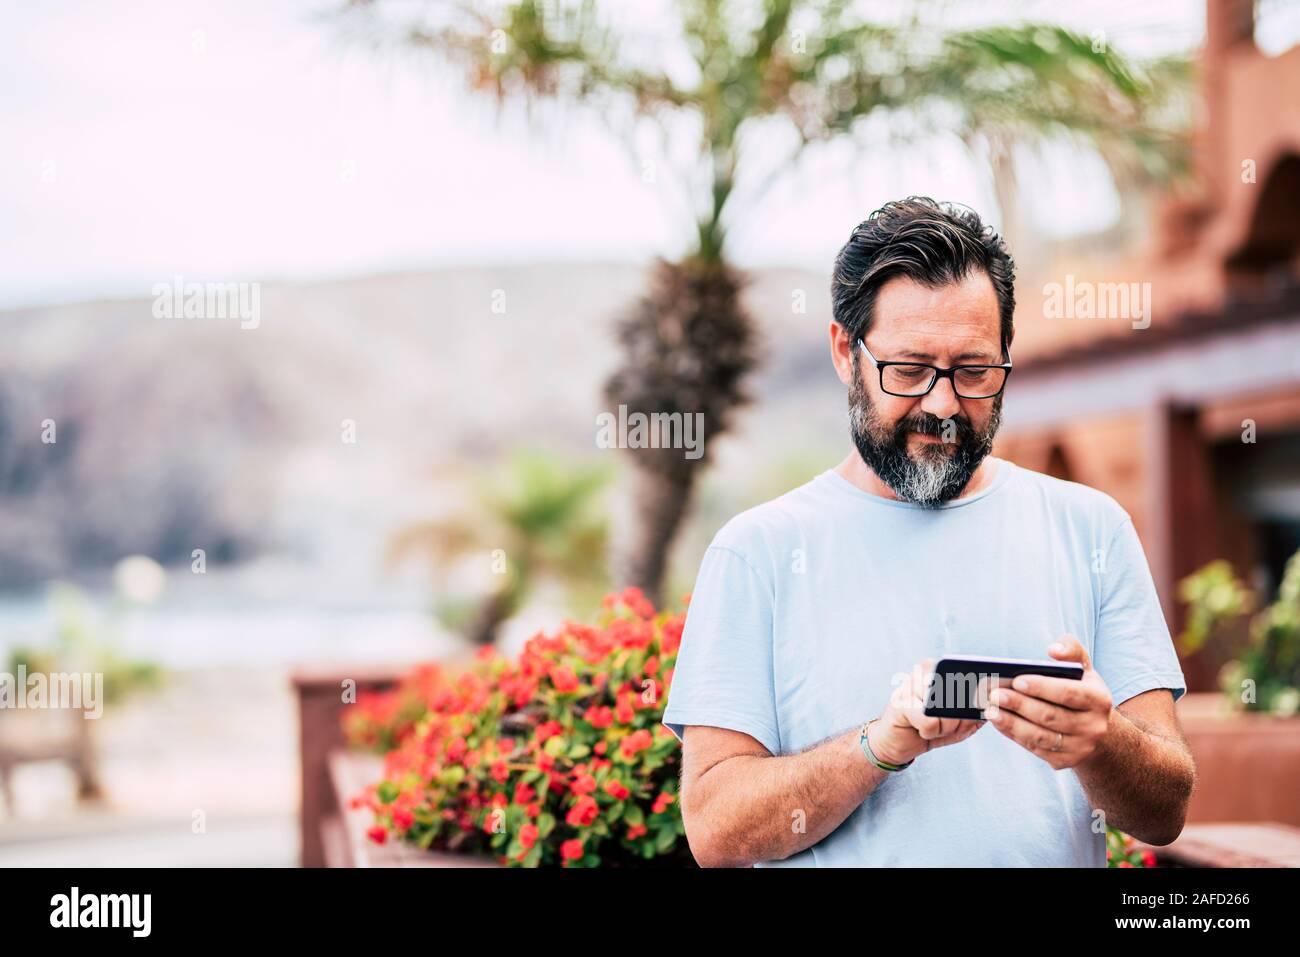 Tipo de hombre en un moderno dispositivo de teléfono celular en actividad de ocio al aire libre con la tecnología - retrato de edad adulta con efecto de desenfoque de fondo Foto de stock